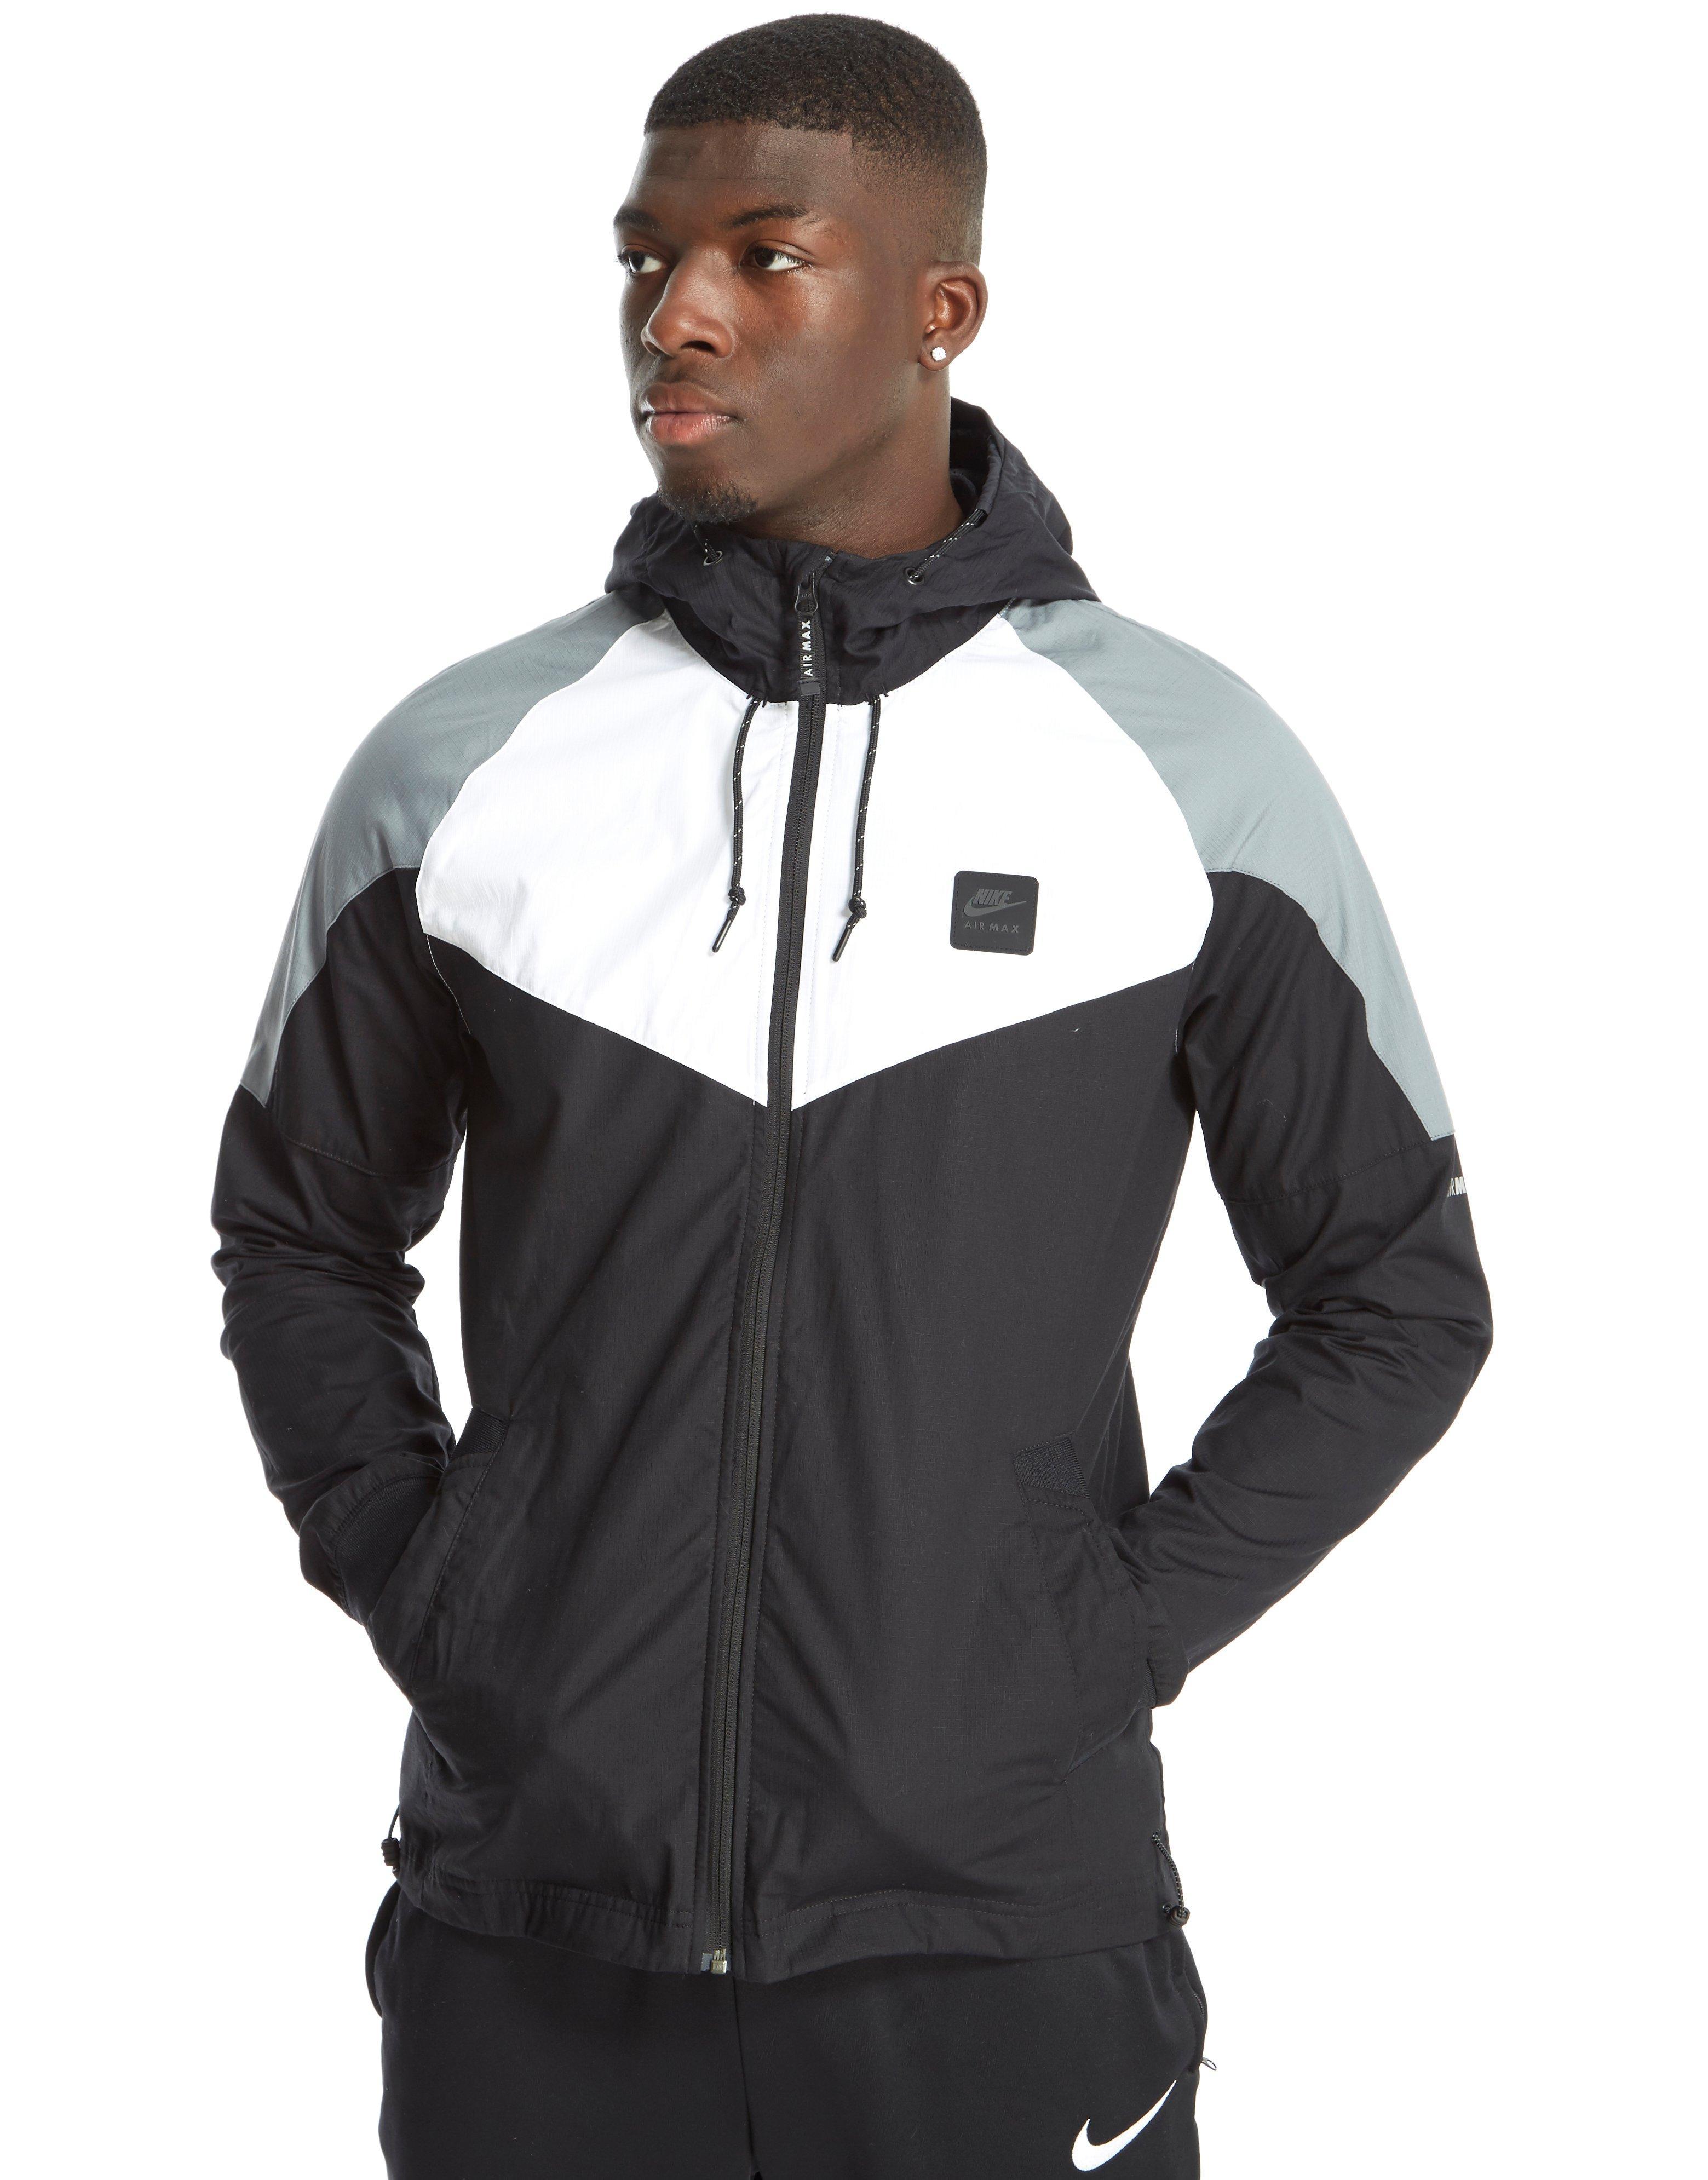 c3e2a9430fb4 nike air max jacket